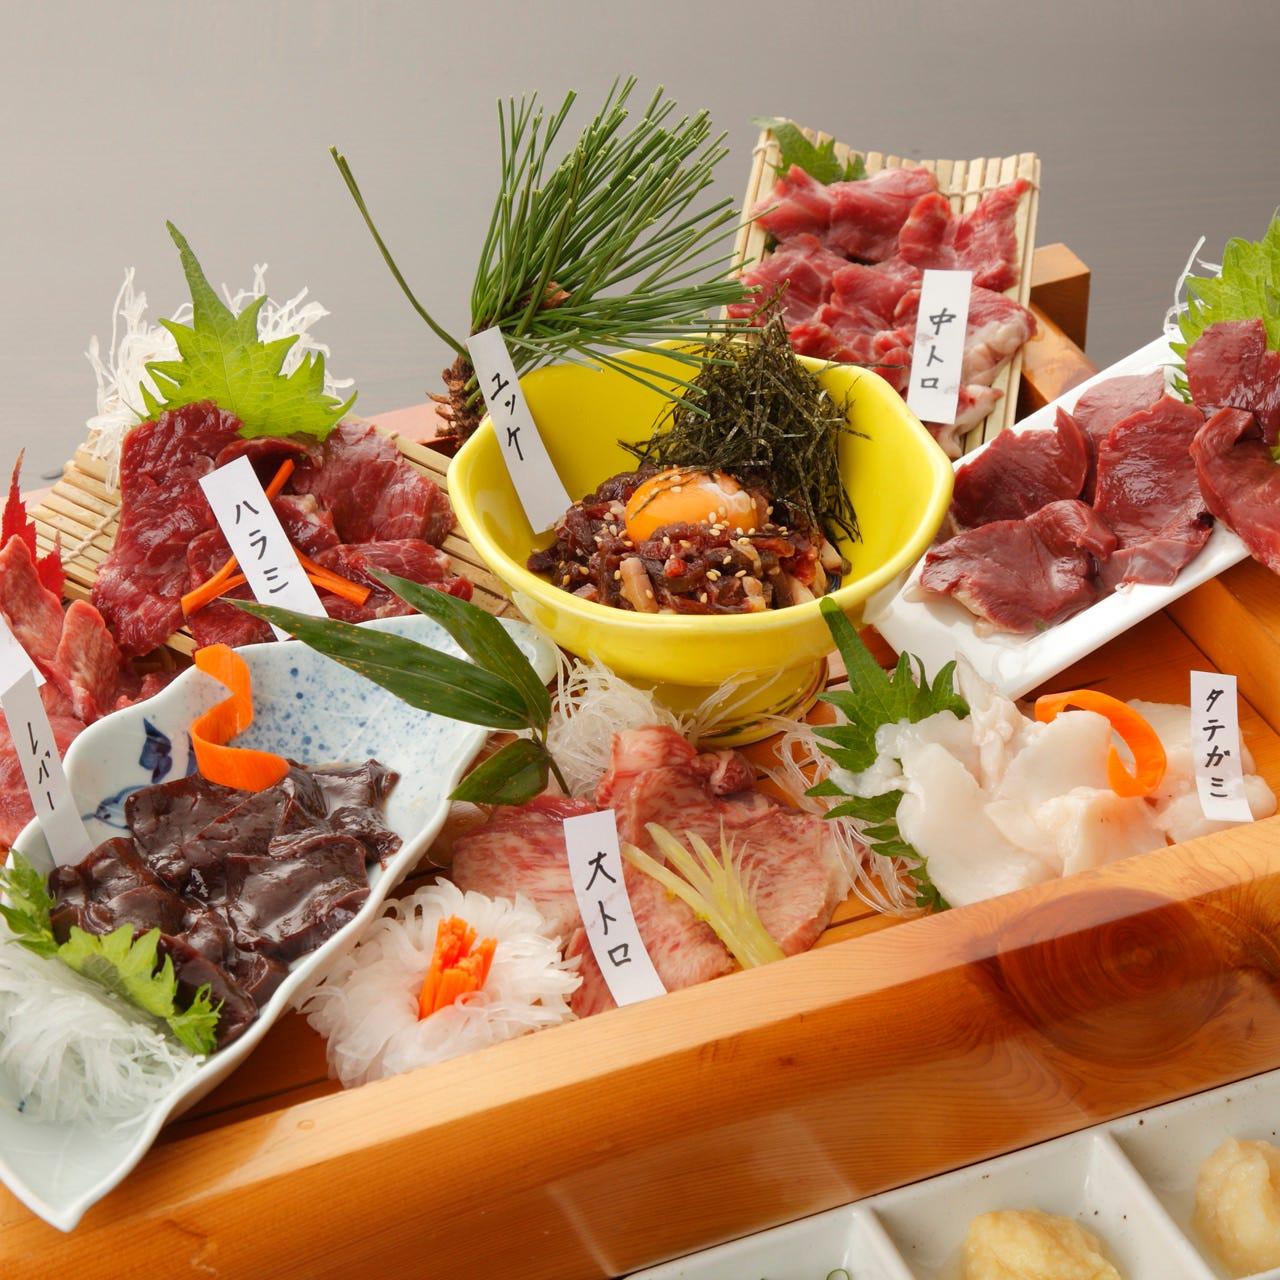 とろける食感・甘み溢れる熊本の桜肉